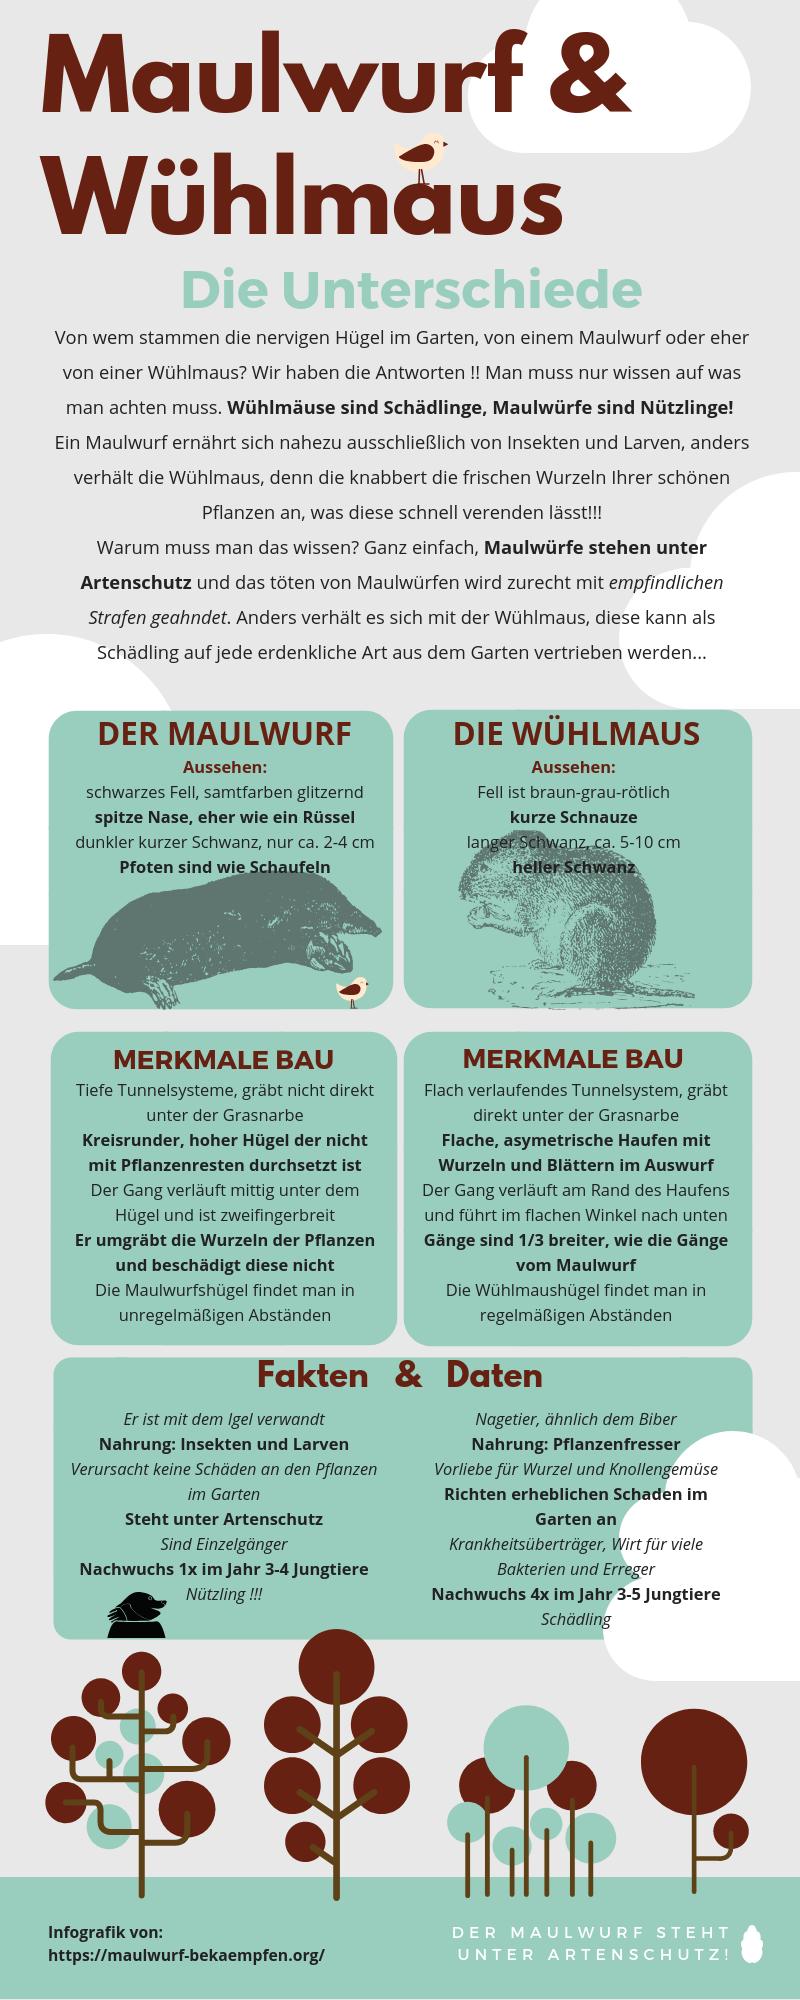 Infografik Die Unterschiede Zwischen Maulwurf Und Wuhlmaus Instandhaltungsarbeiten Checkliste Schadlingsbekampfung